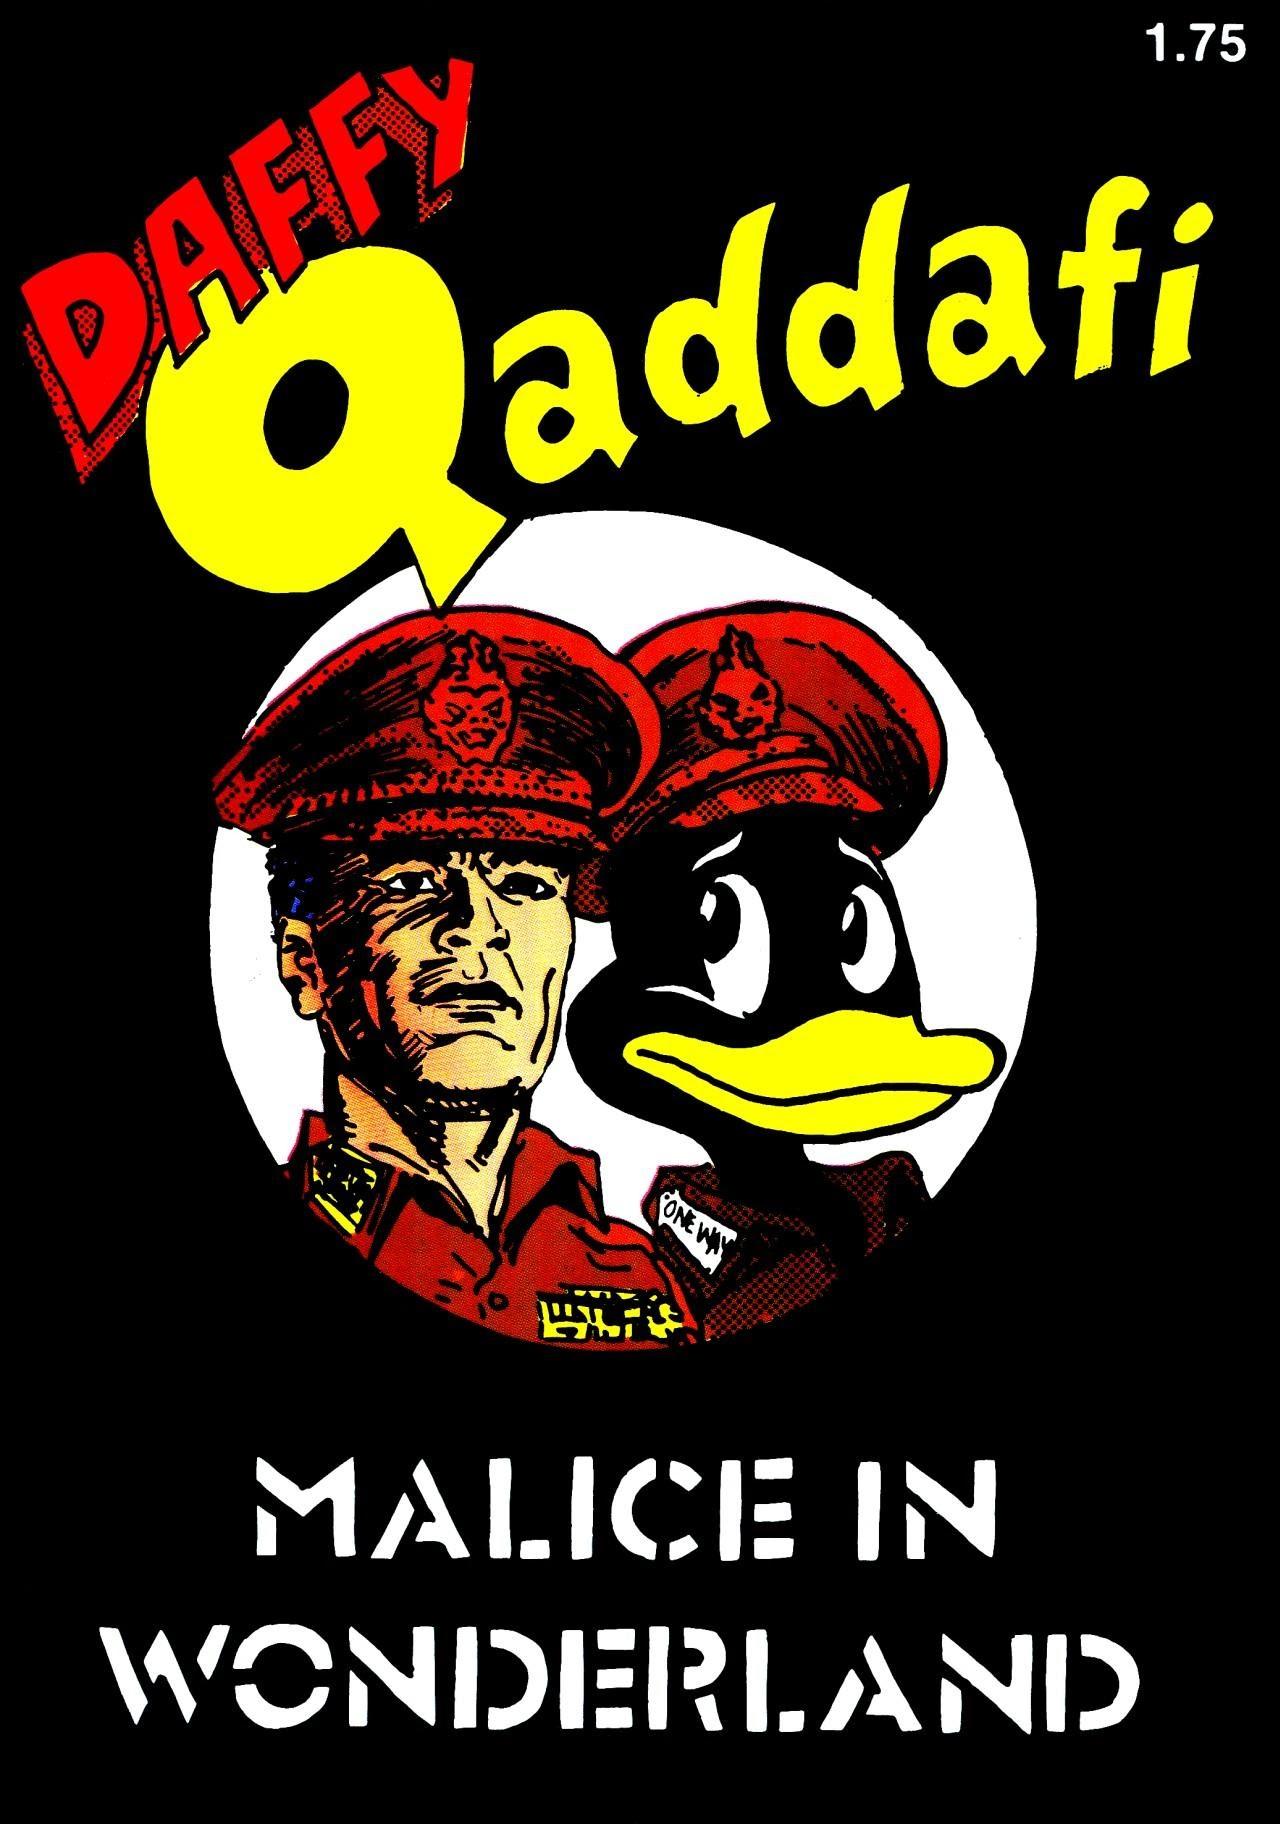 Daffy Qaddafi Full Page 1